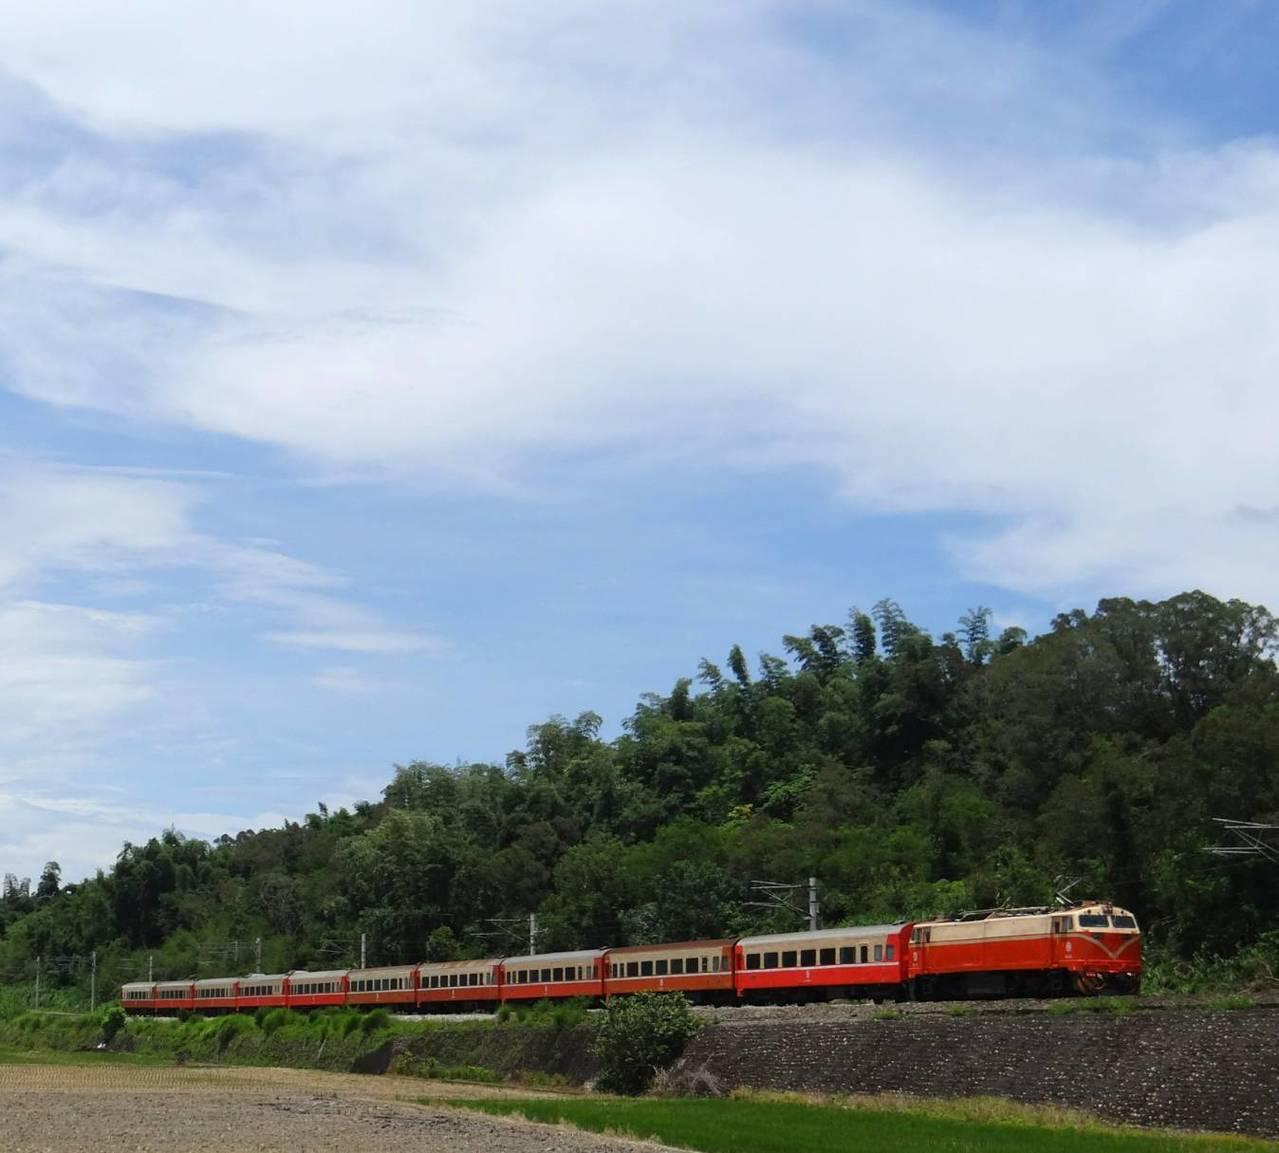 台鐵指出,自11月12日起將擇定10班次團體列車,開放提前3個月預售團體票,可到...